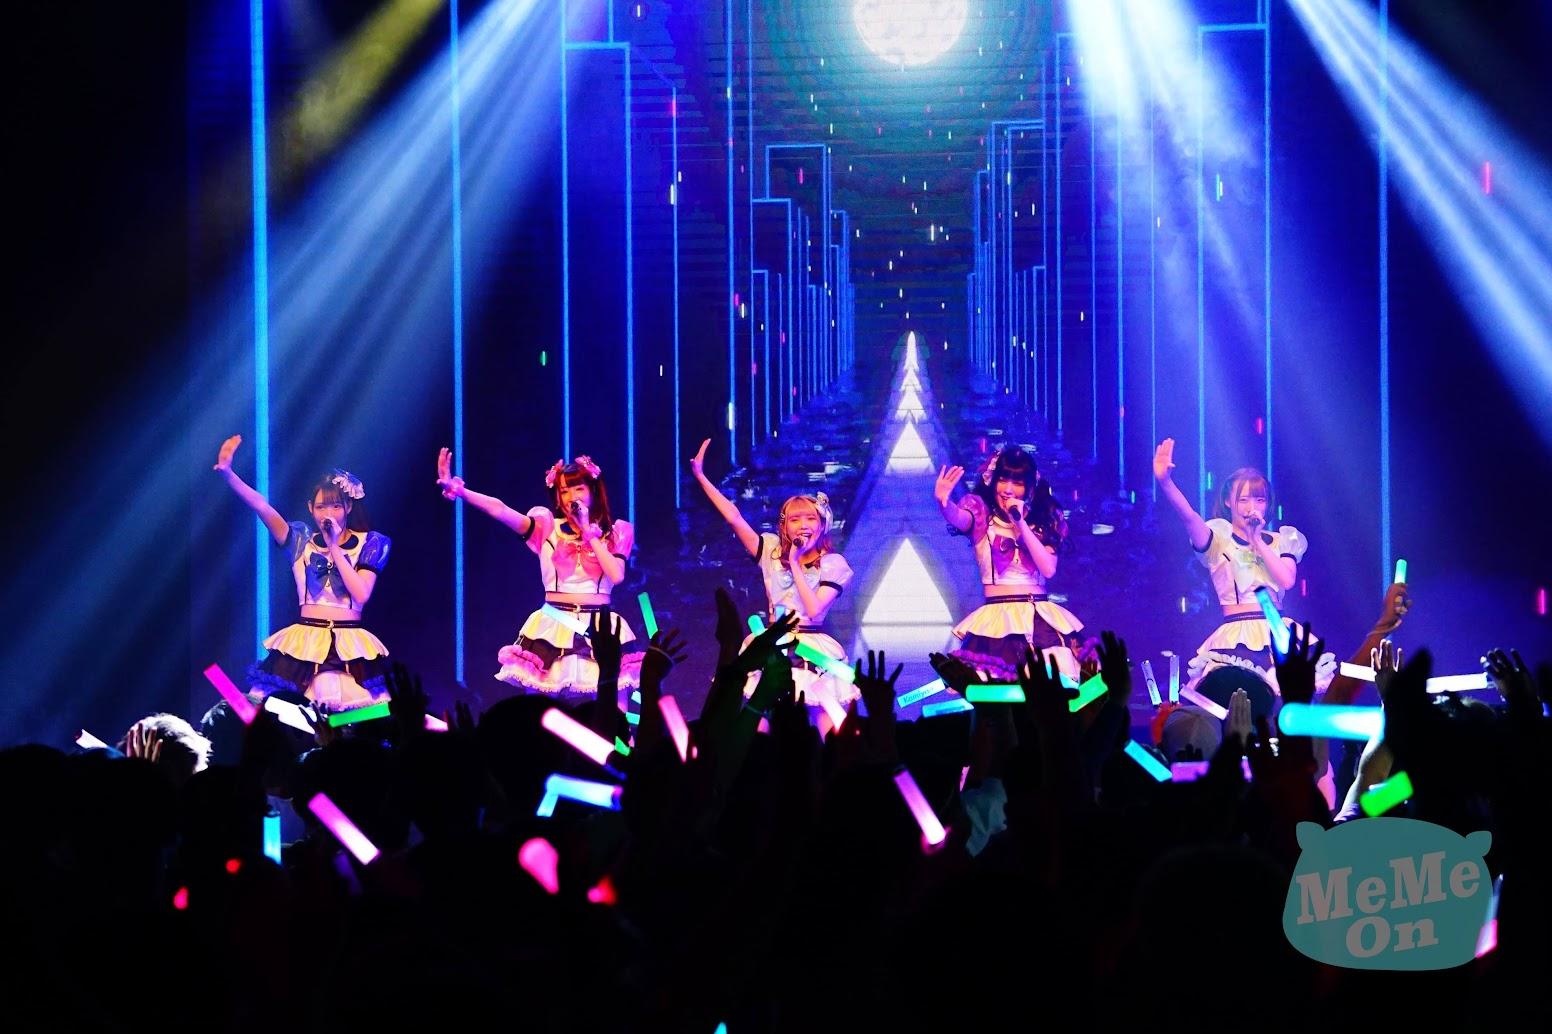 台灣日系偶像  月宵◇クレシェンテ 出道公演 「希望大家可以跟我們一起到更遠的地方!」」(圖多)